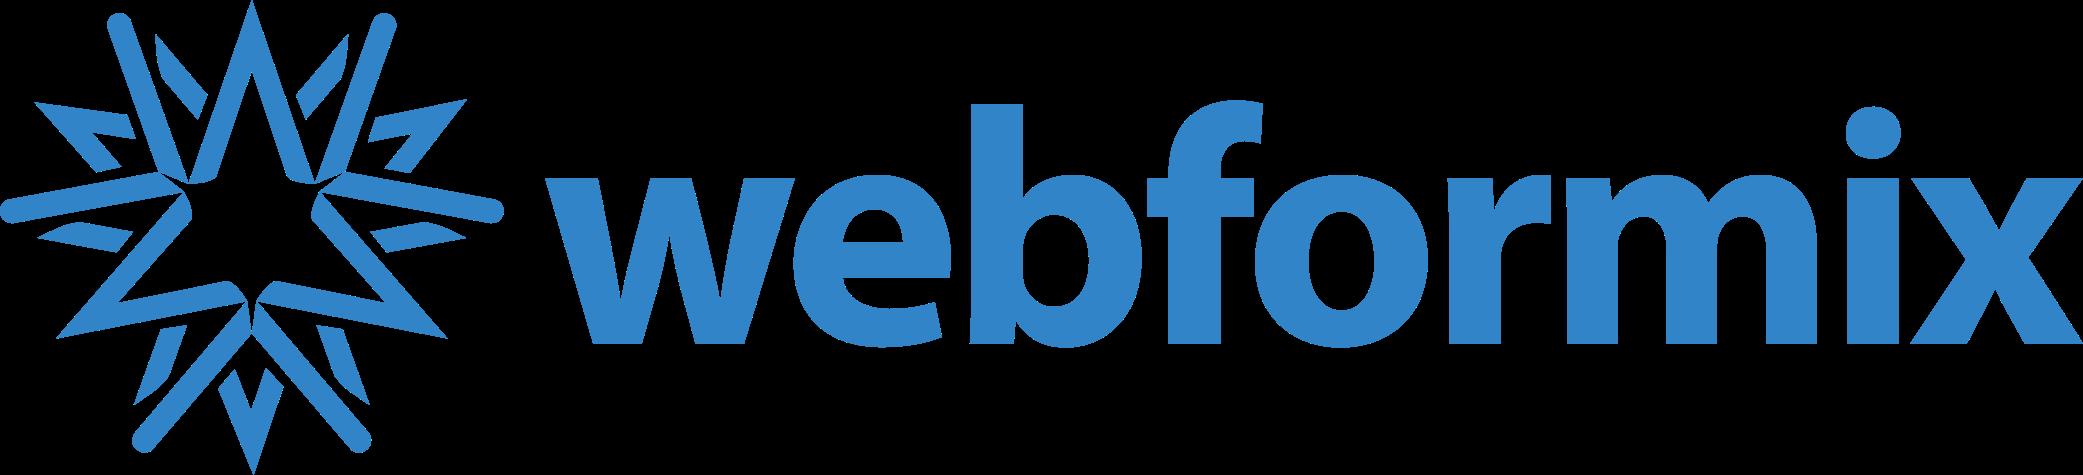 webformix logo with text